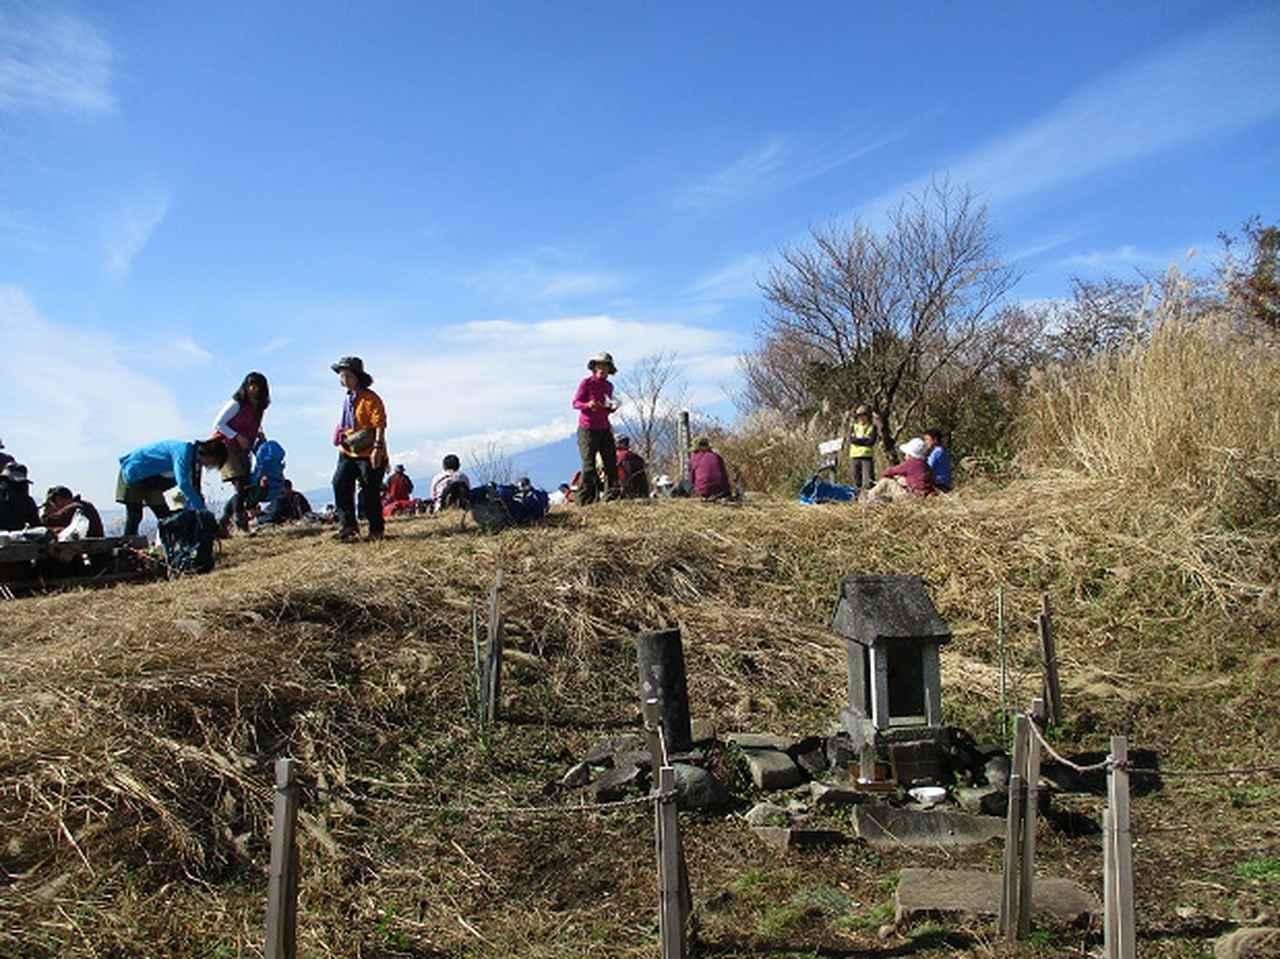 画像6: 【山旅会・登山ガイドこだわりツアー】添乗員からの便り矢倉岳ツアーにいってまいりました!